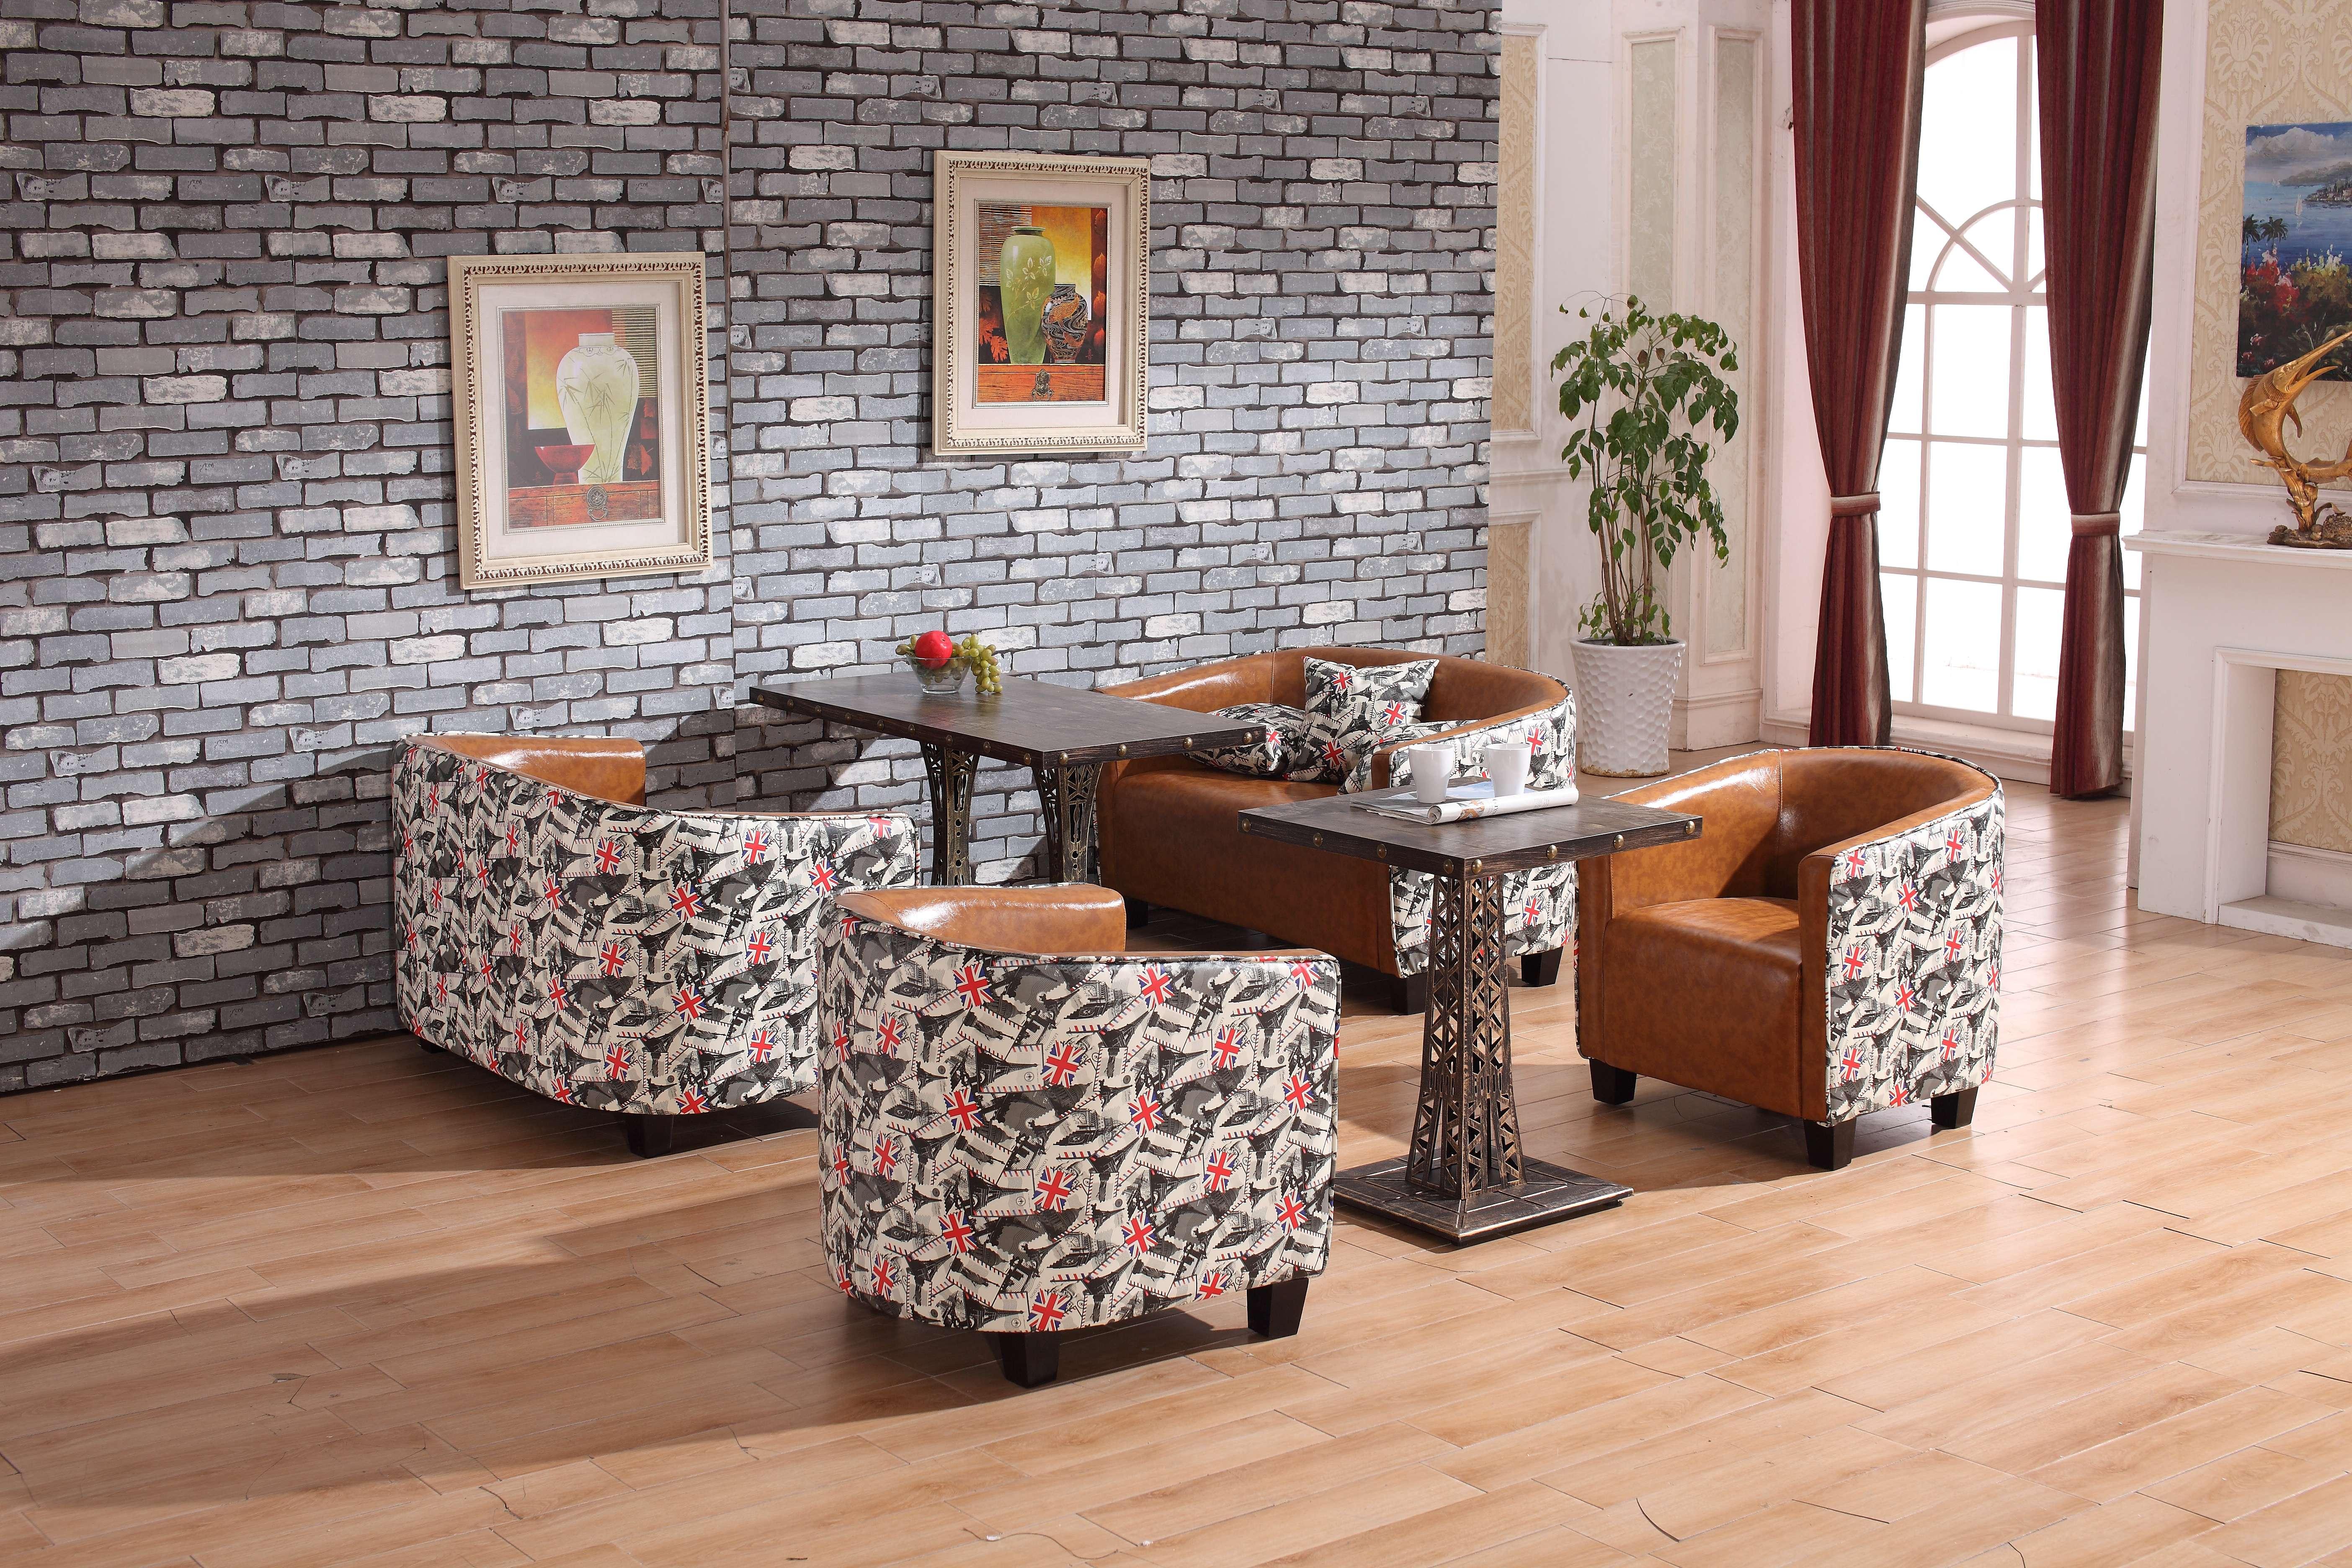 咖啡厅奶茶店休闲沙发 铆钉沙发卡座桌椅组合 厂家直销西餐厅沙发 厂家咖啡厅个性简约沙发定做